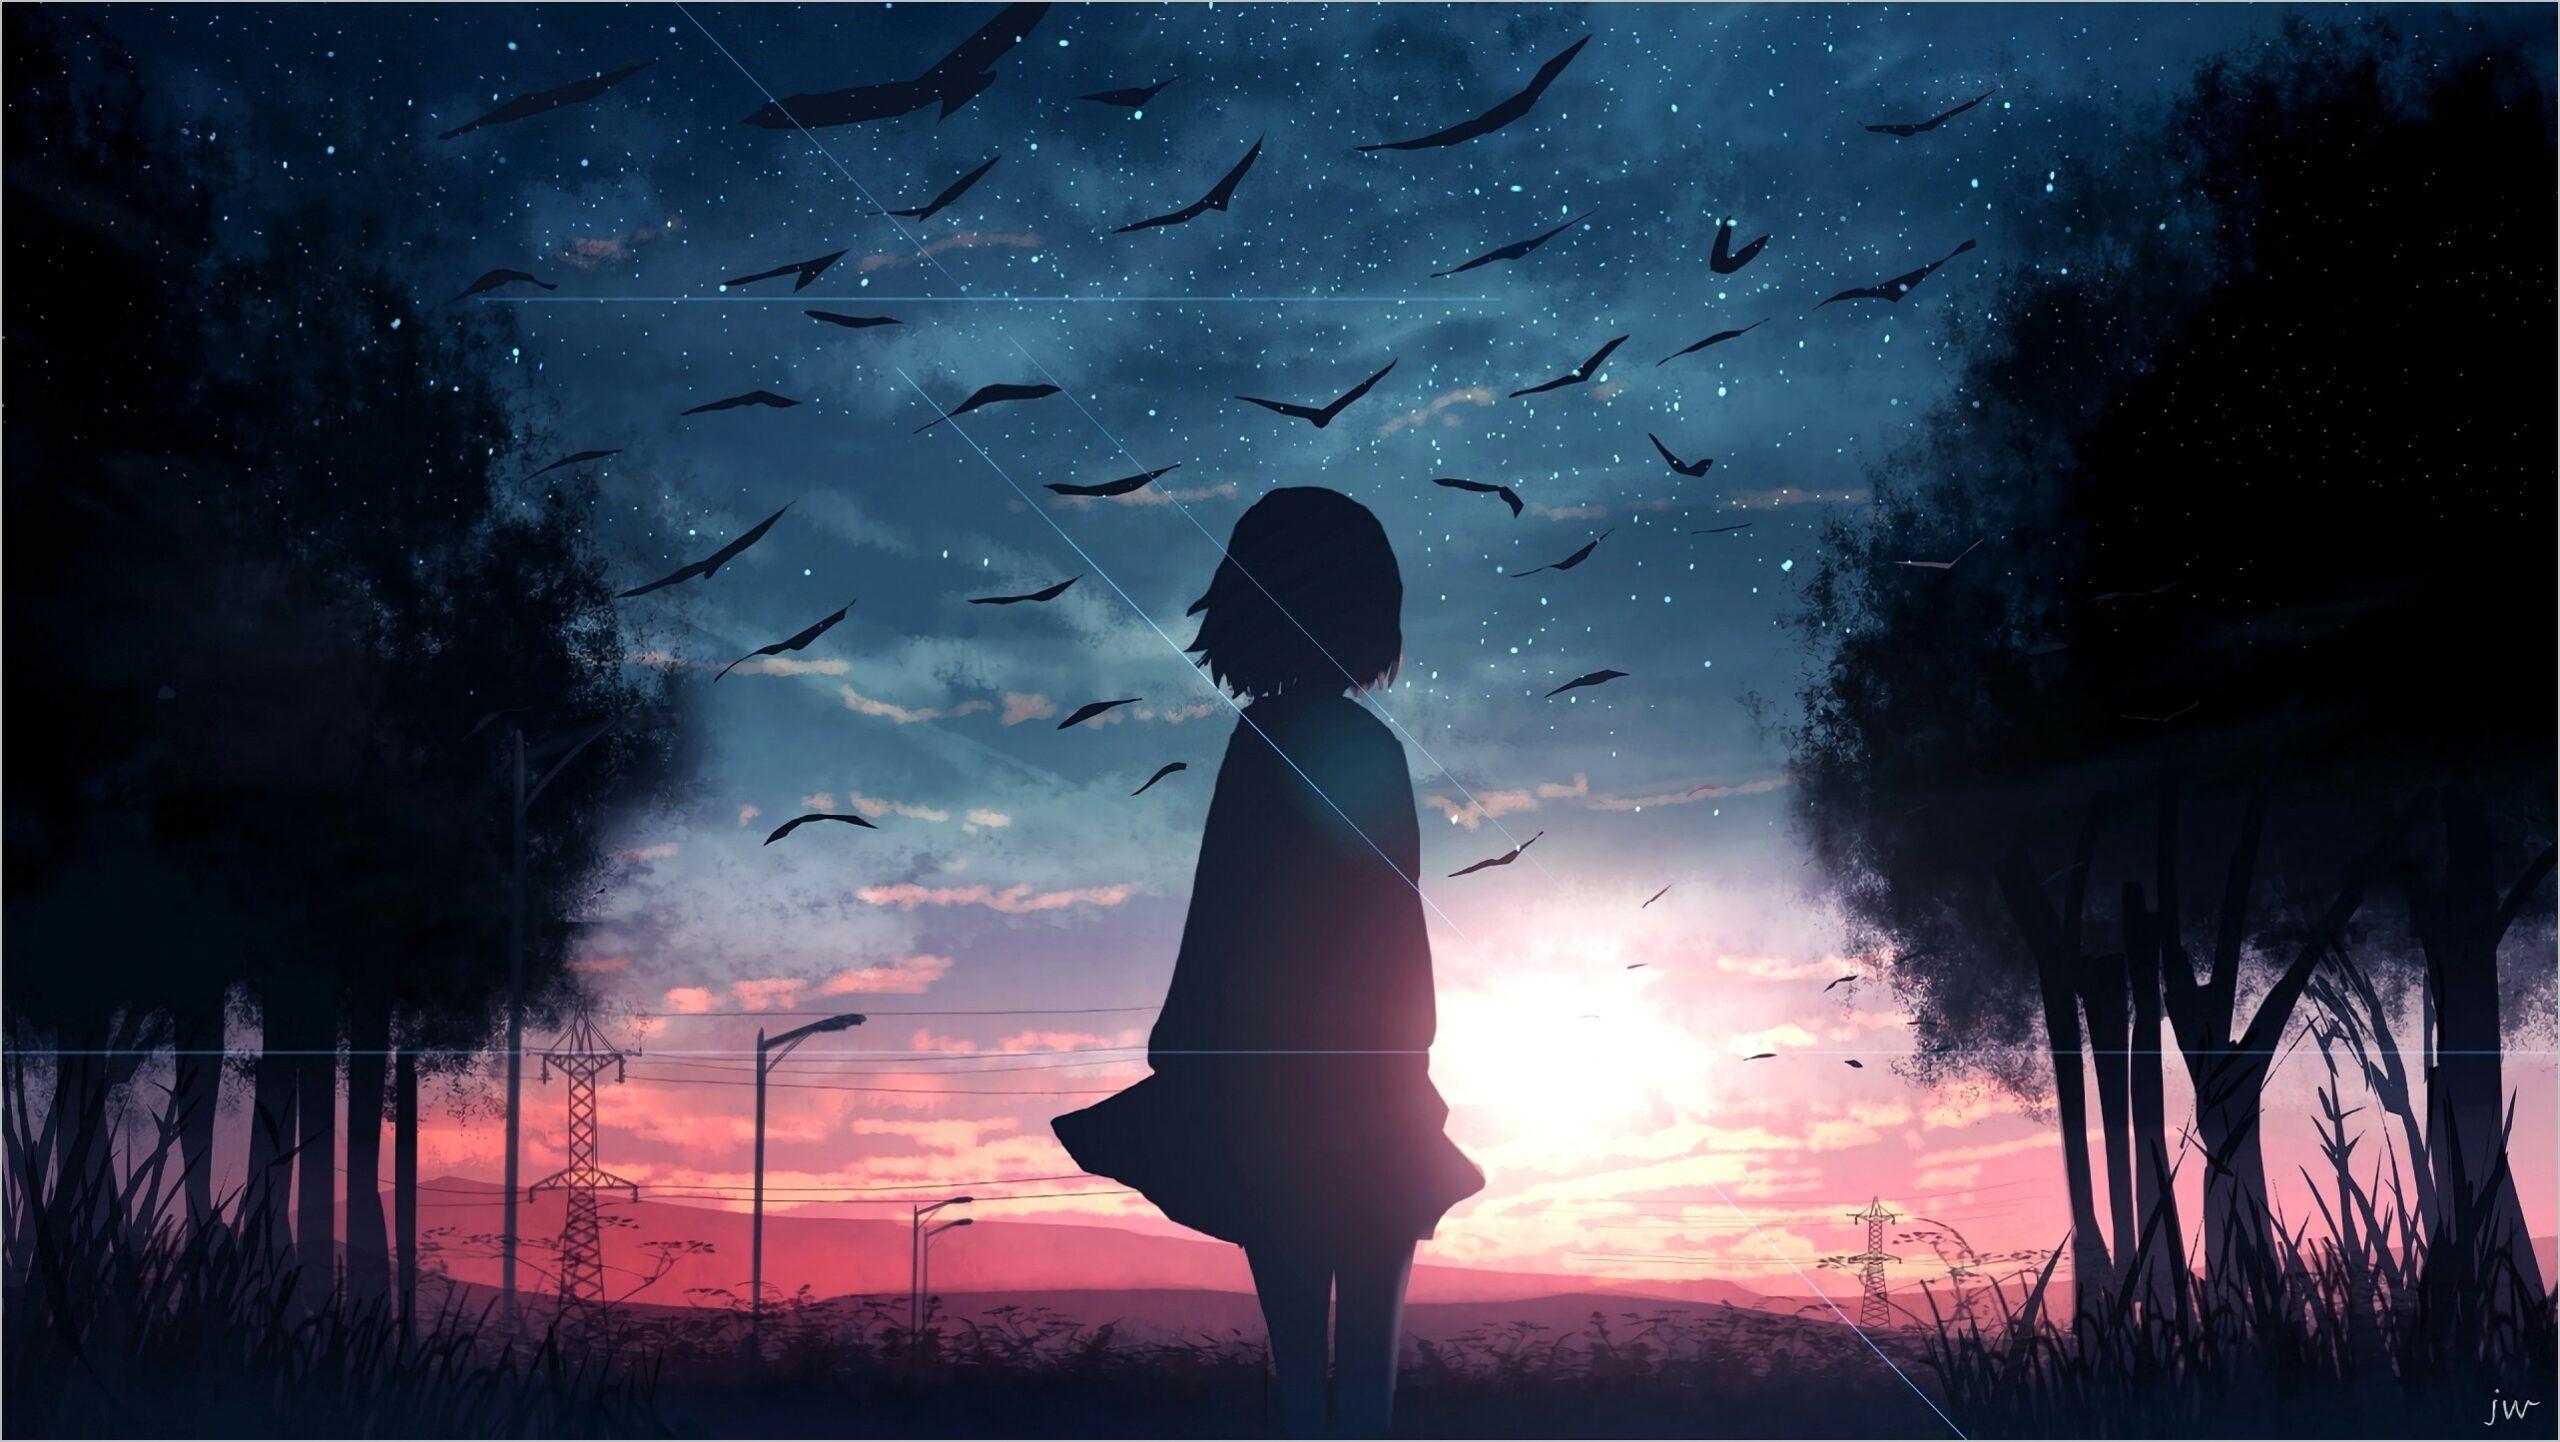 Anime Wallpaper Scenery 4k trong 2020 Phong cảnh, Hình